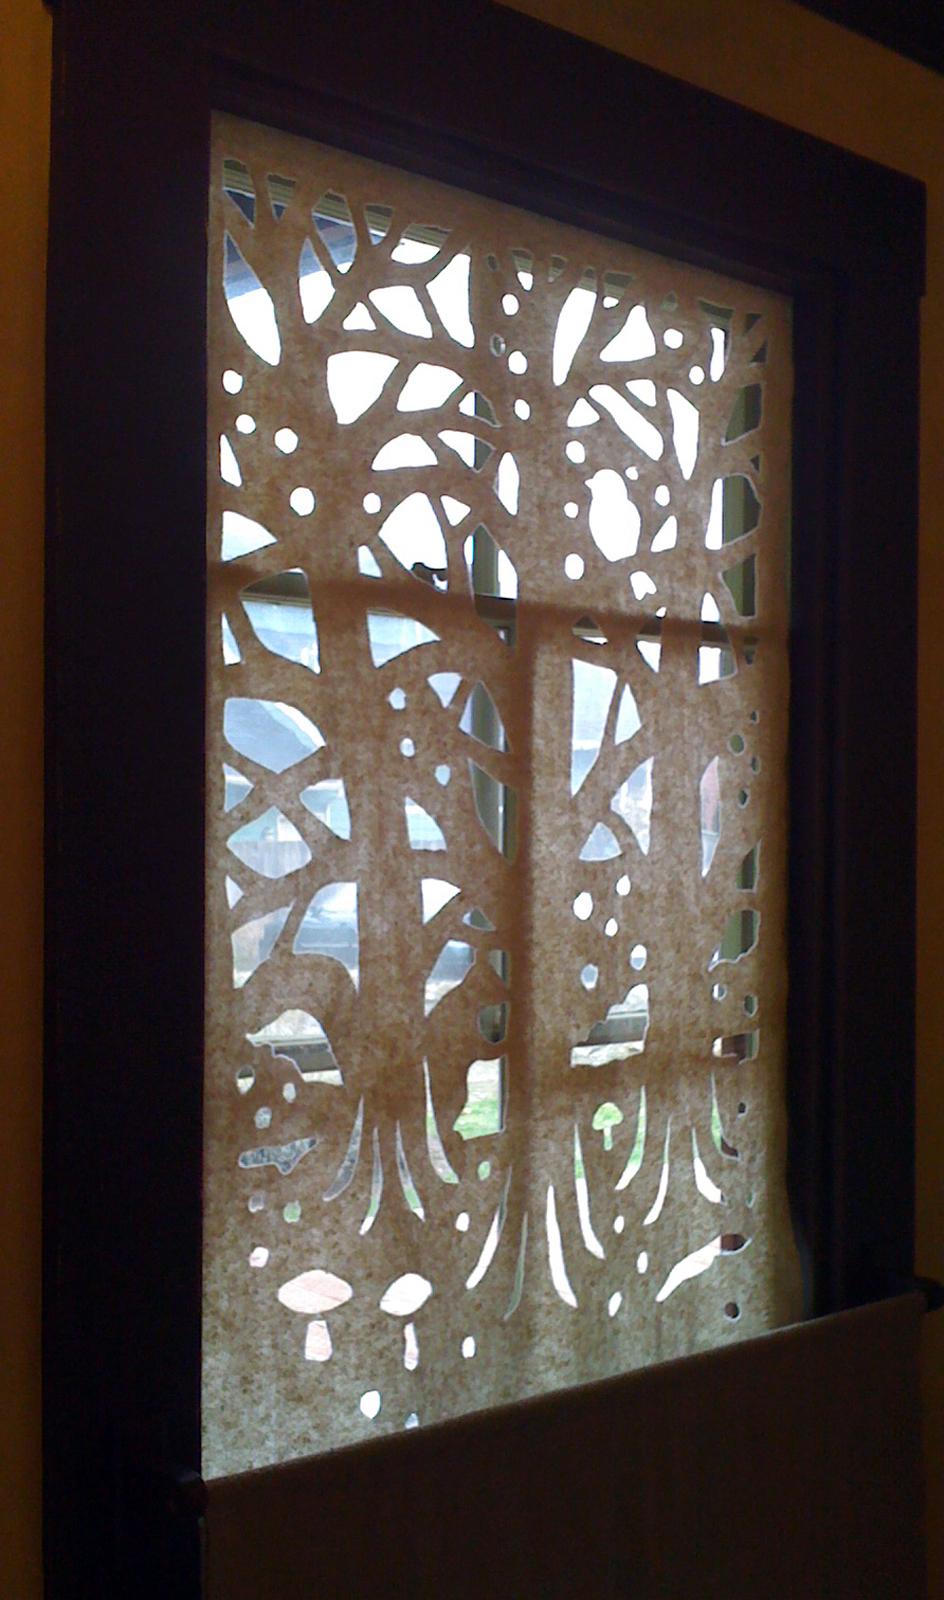 Hutch studio the windows of hutch for Unusual window designs